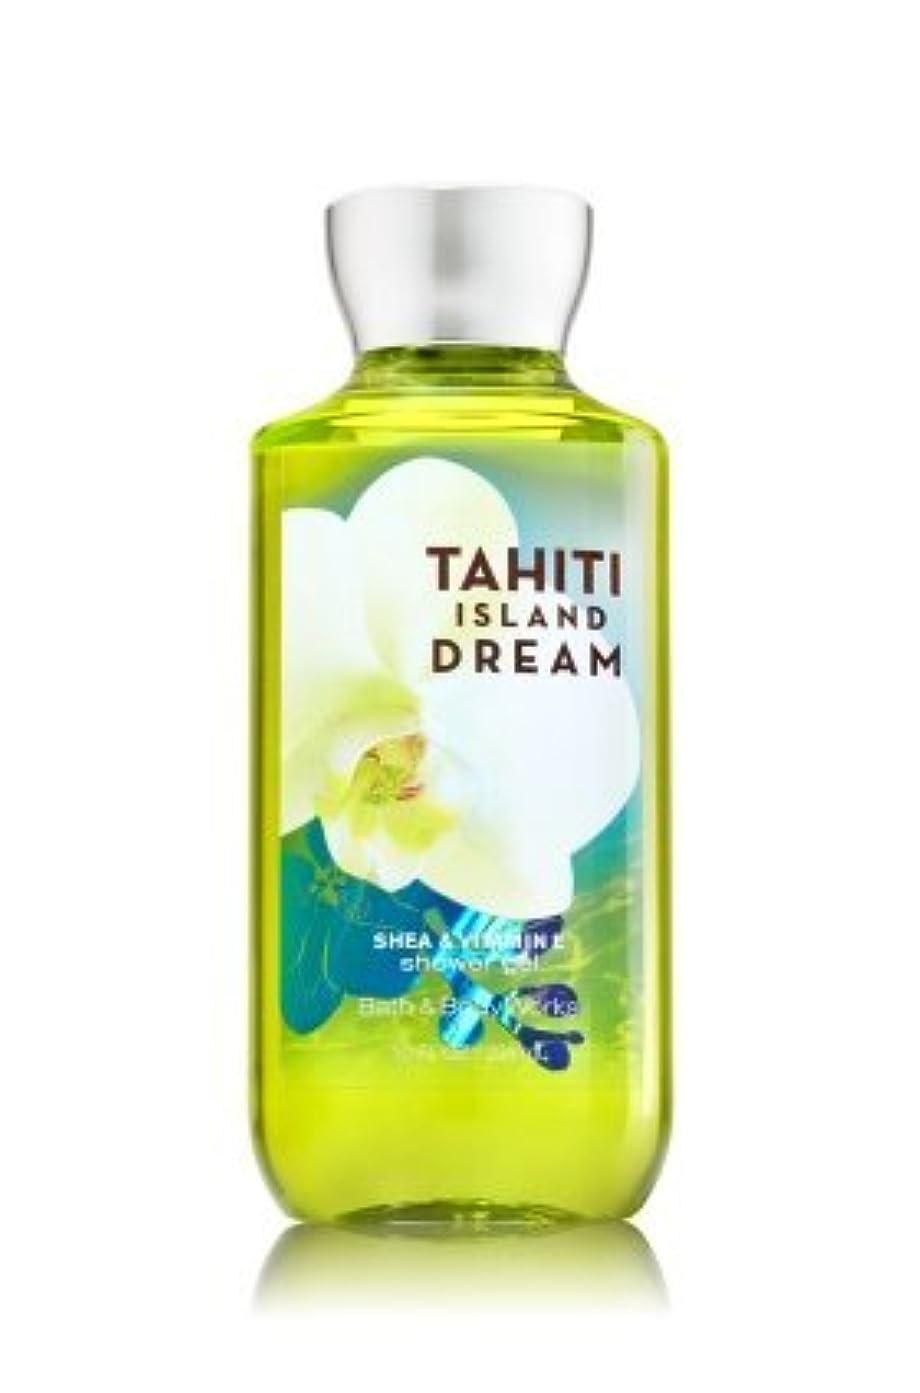 シルエット年金受給者哺乳類【Bath&Body Works/バス&ボディワークス】 シャワージェル タヒチアイランドドリーム Shower Gel Tahiti Island Dream 10 fl oz / 295 mL [並行輸入品]